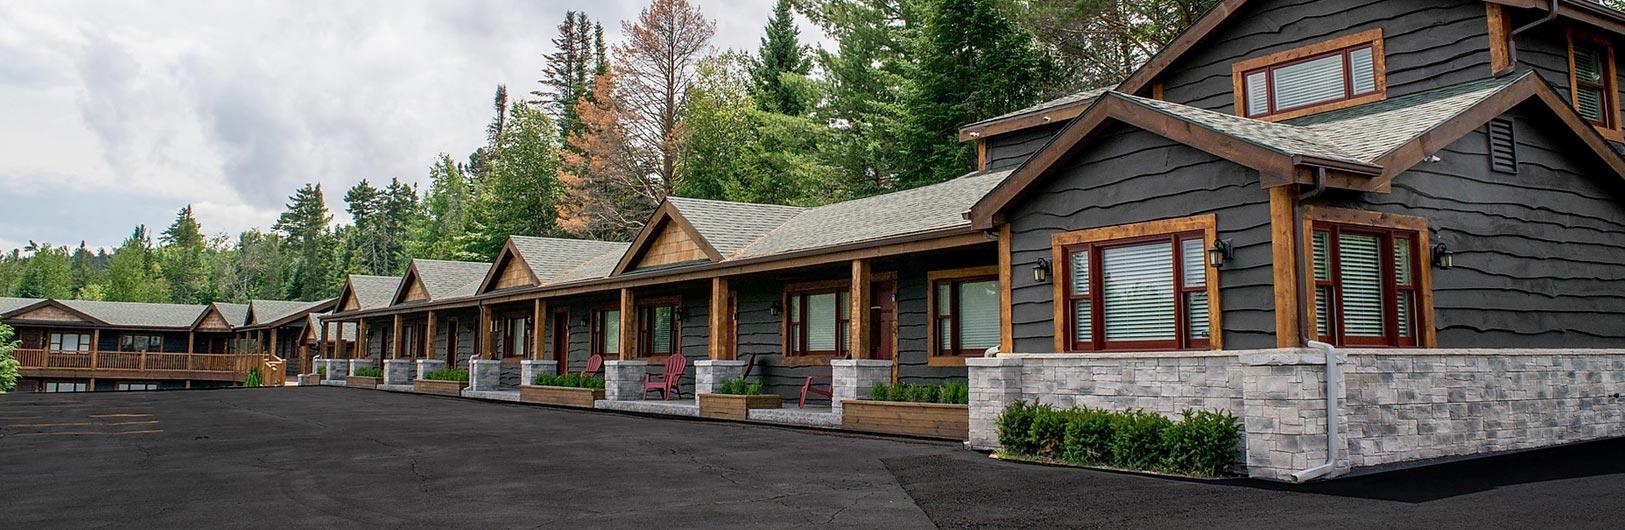 Adirondack style motel building